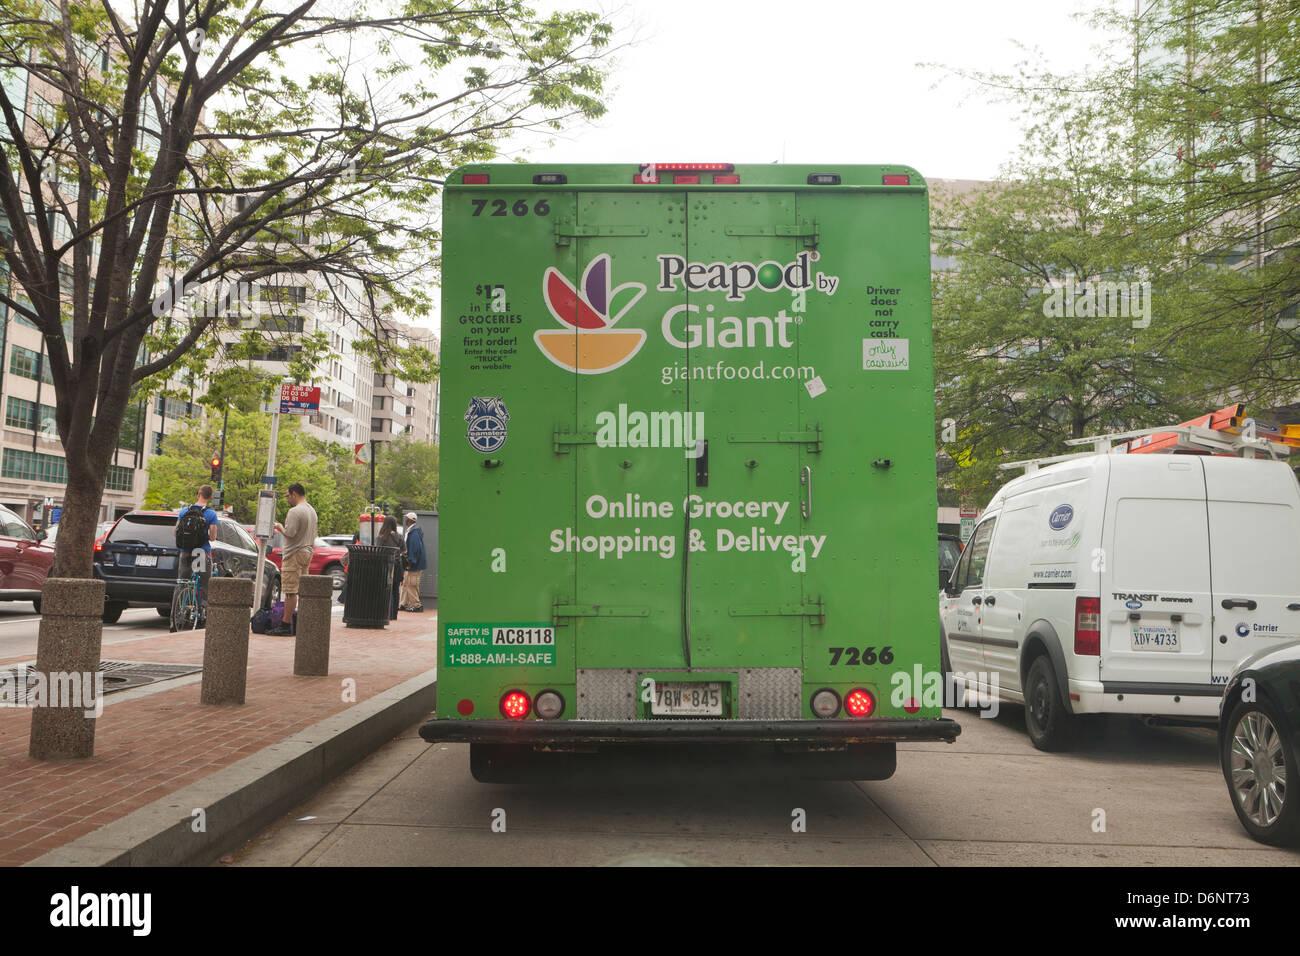 Peapod Giant Lebensmittelgeschäft Lieferwagen Stockbild